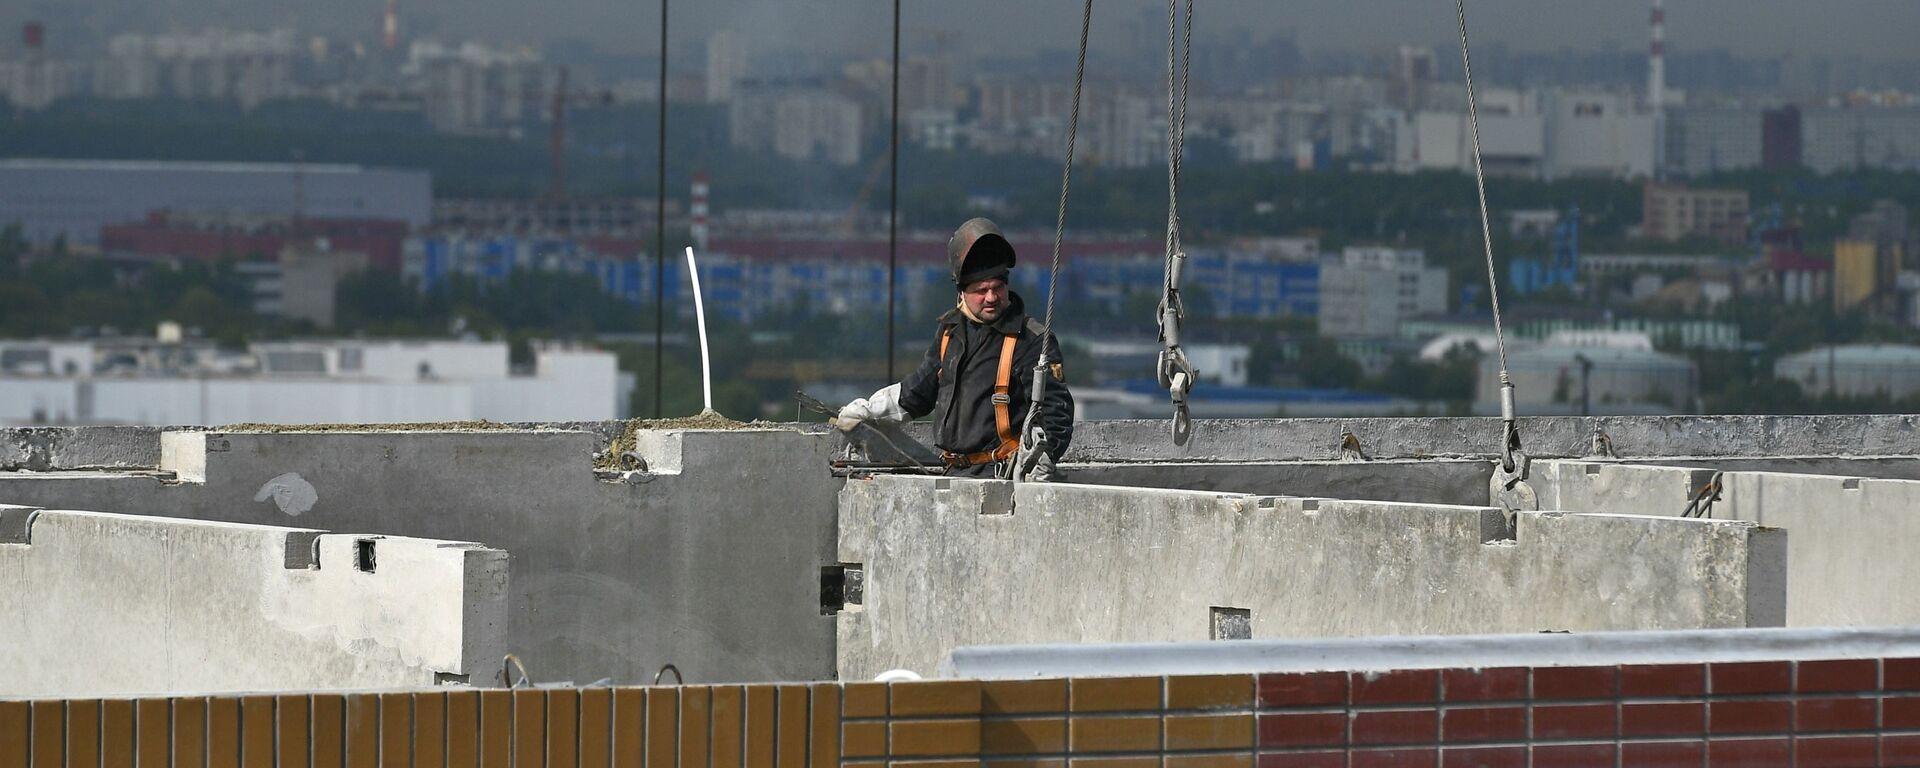 Строительство ЖК Южная Битца в Подмосковье - Sputnik Таджикистан, 1920, 03.06.2021